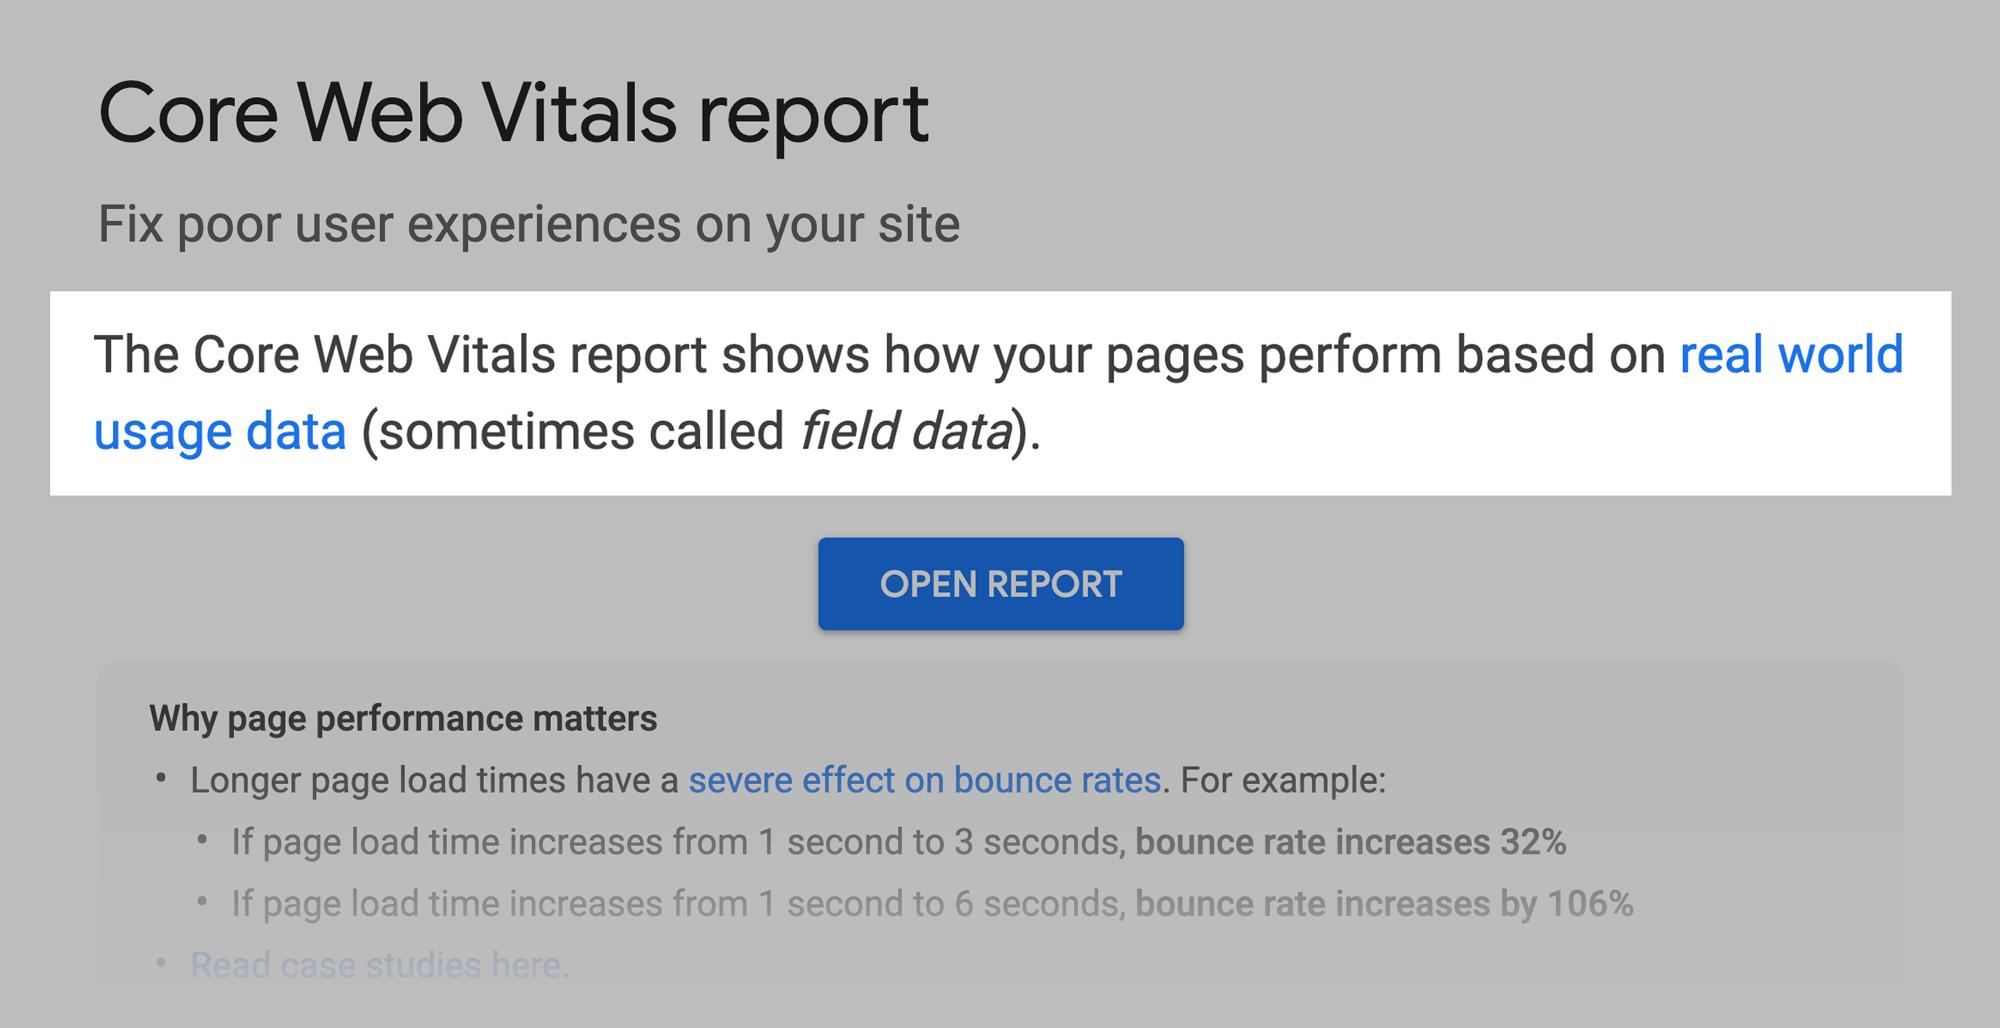 谷歌–核心网络重要性报告